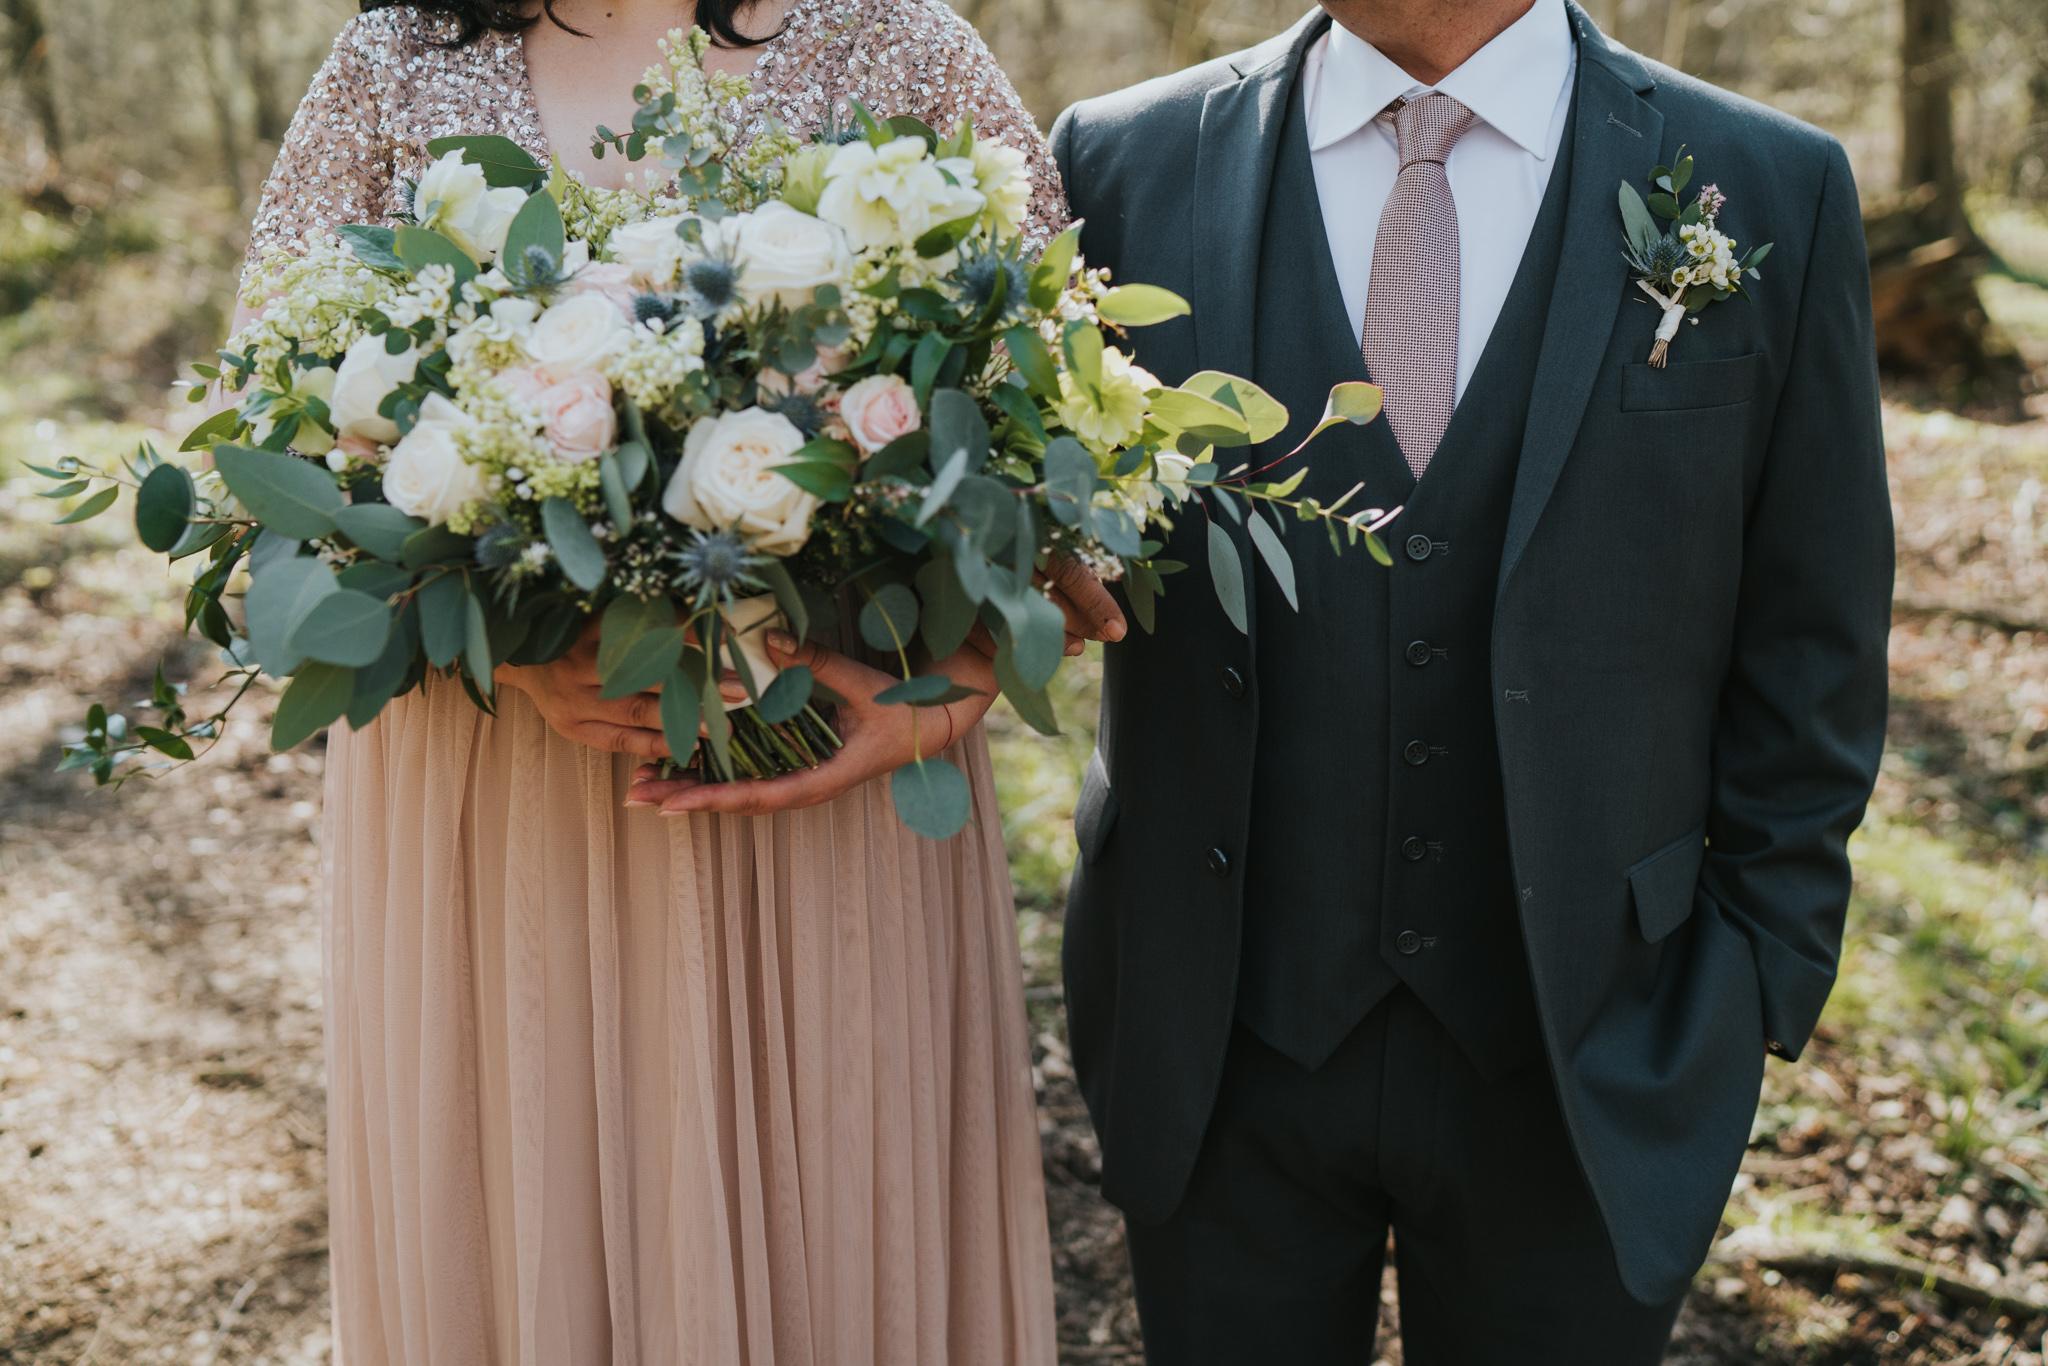 yuliya-yafith-colchester-essex-woodland-elopement-alternative-wedding-photographer-grace-elizabeth-essex-suffolk-norfolk-devon (3 of 40).jpg